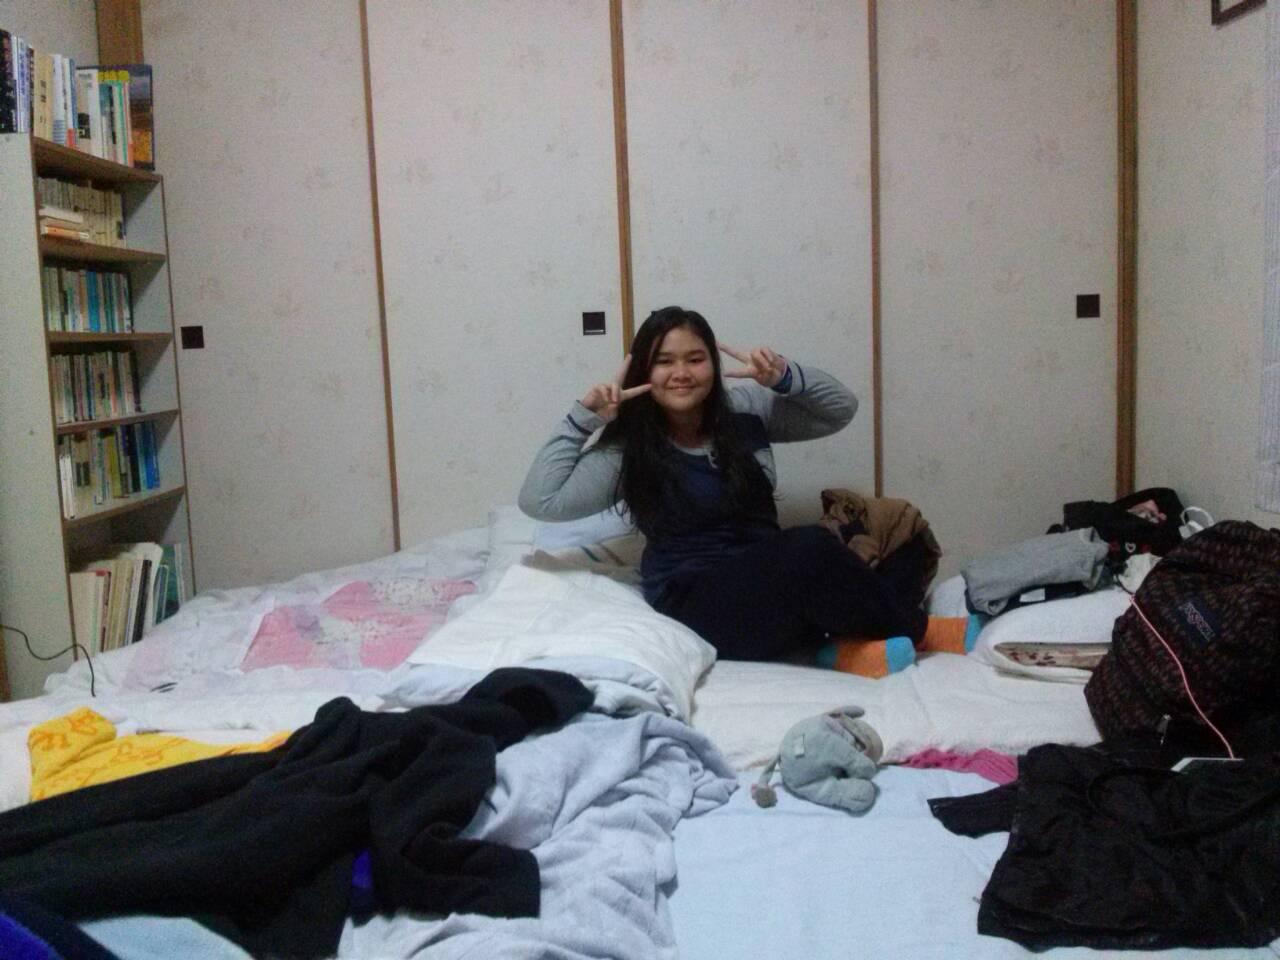 Cia di kamar kami, kamar doraemon:p